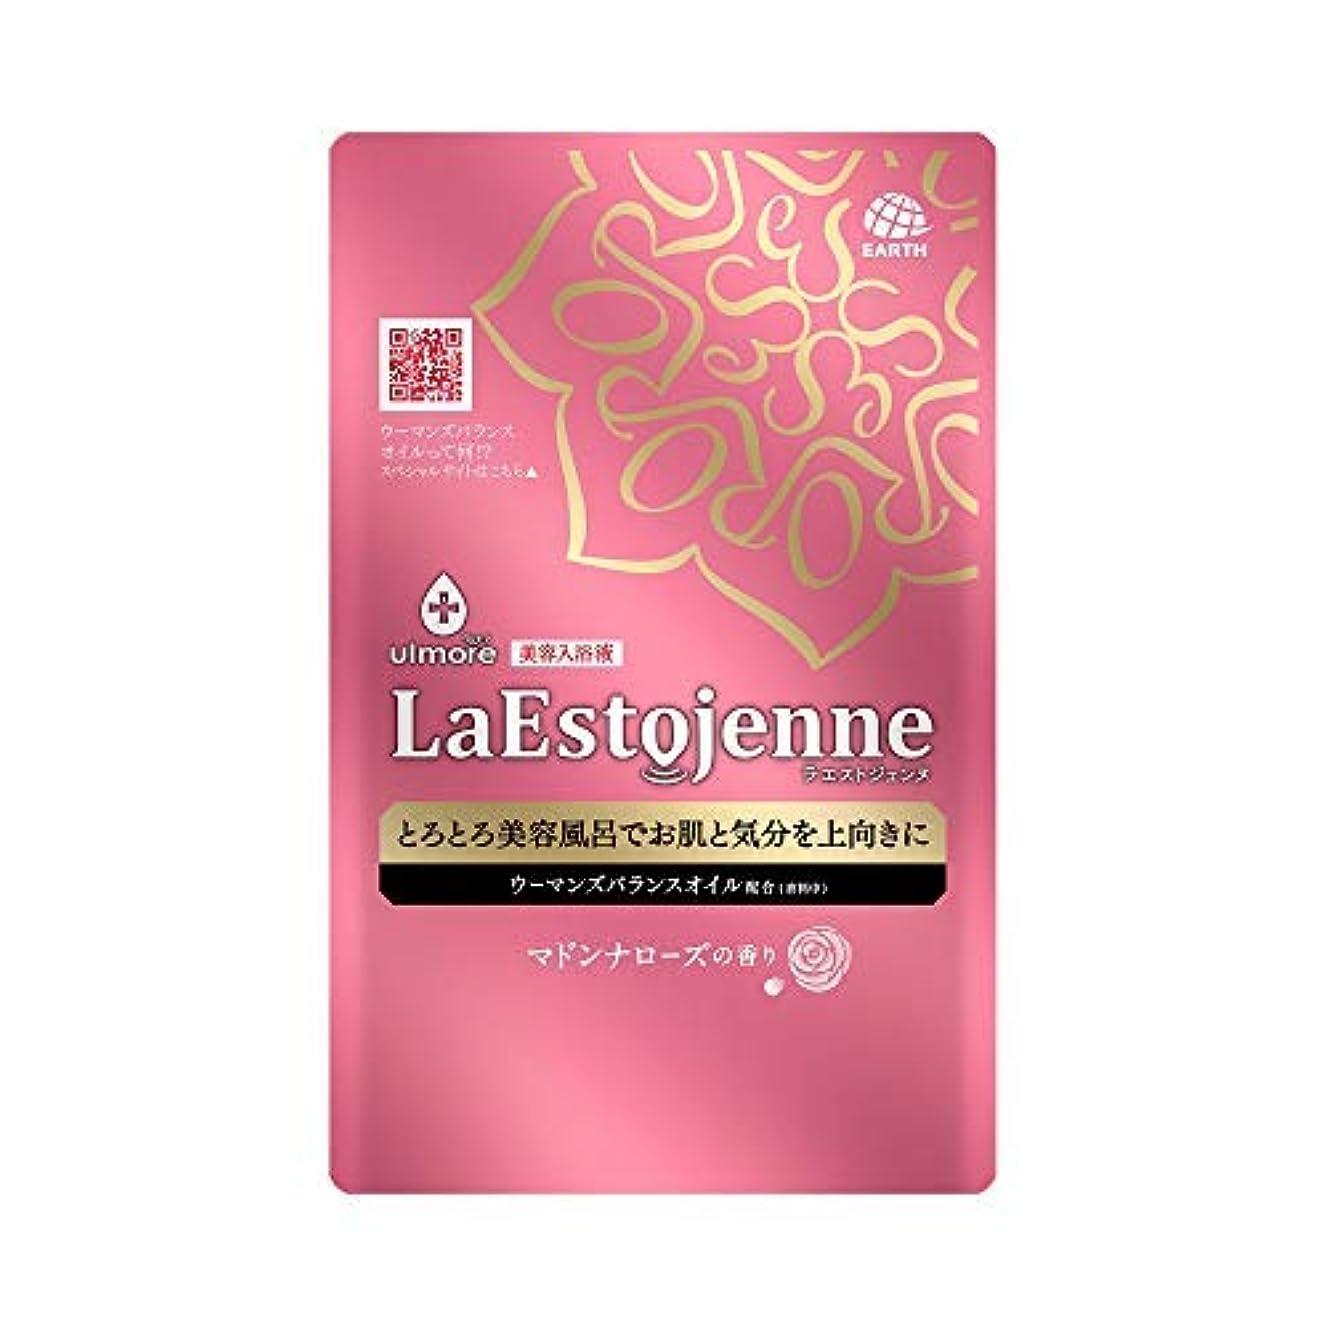 動作注釈を付ける音声ウルモア ラエストジェンヌ マドンナローズの香り 1包 × 4個セット